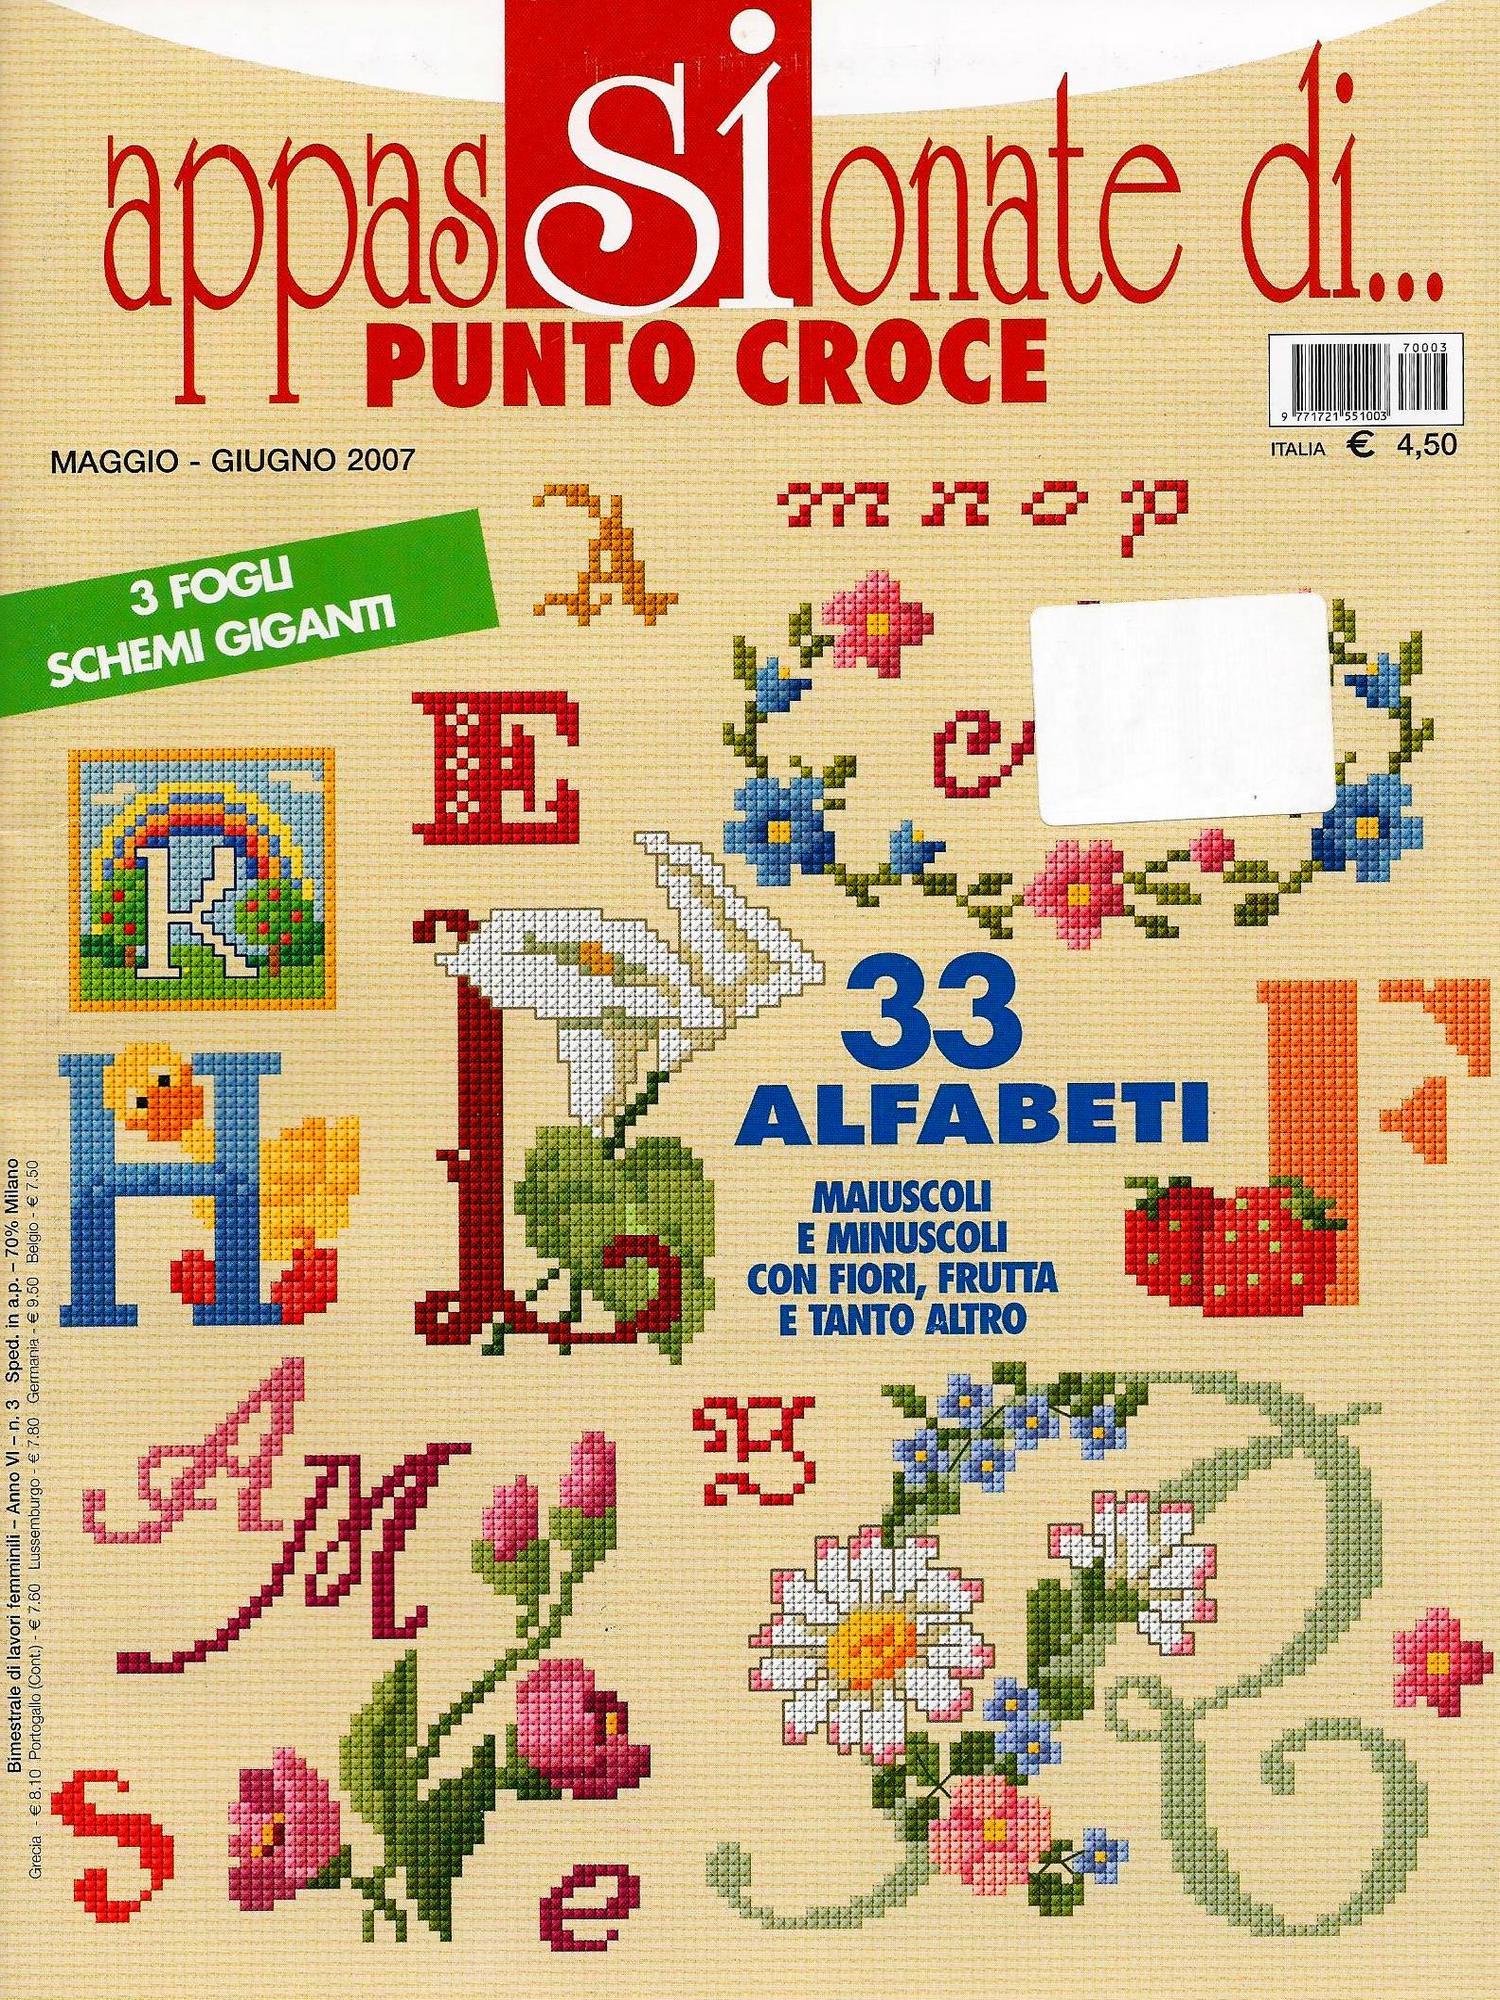 APPASSIONATE DI PUNTO CROCE